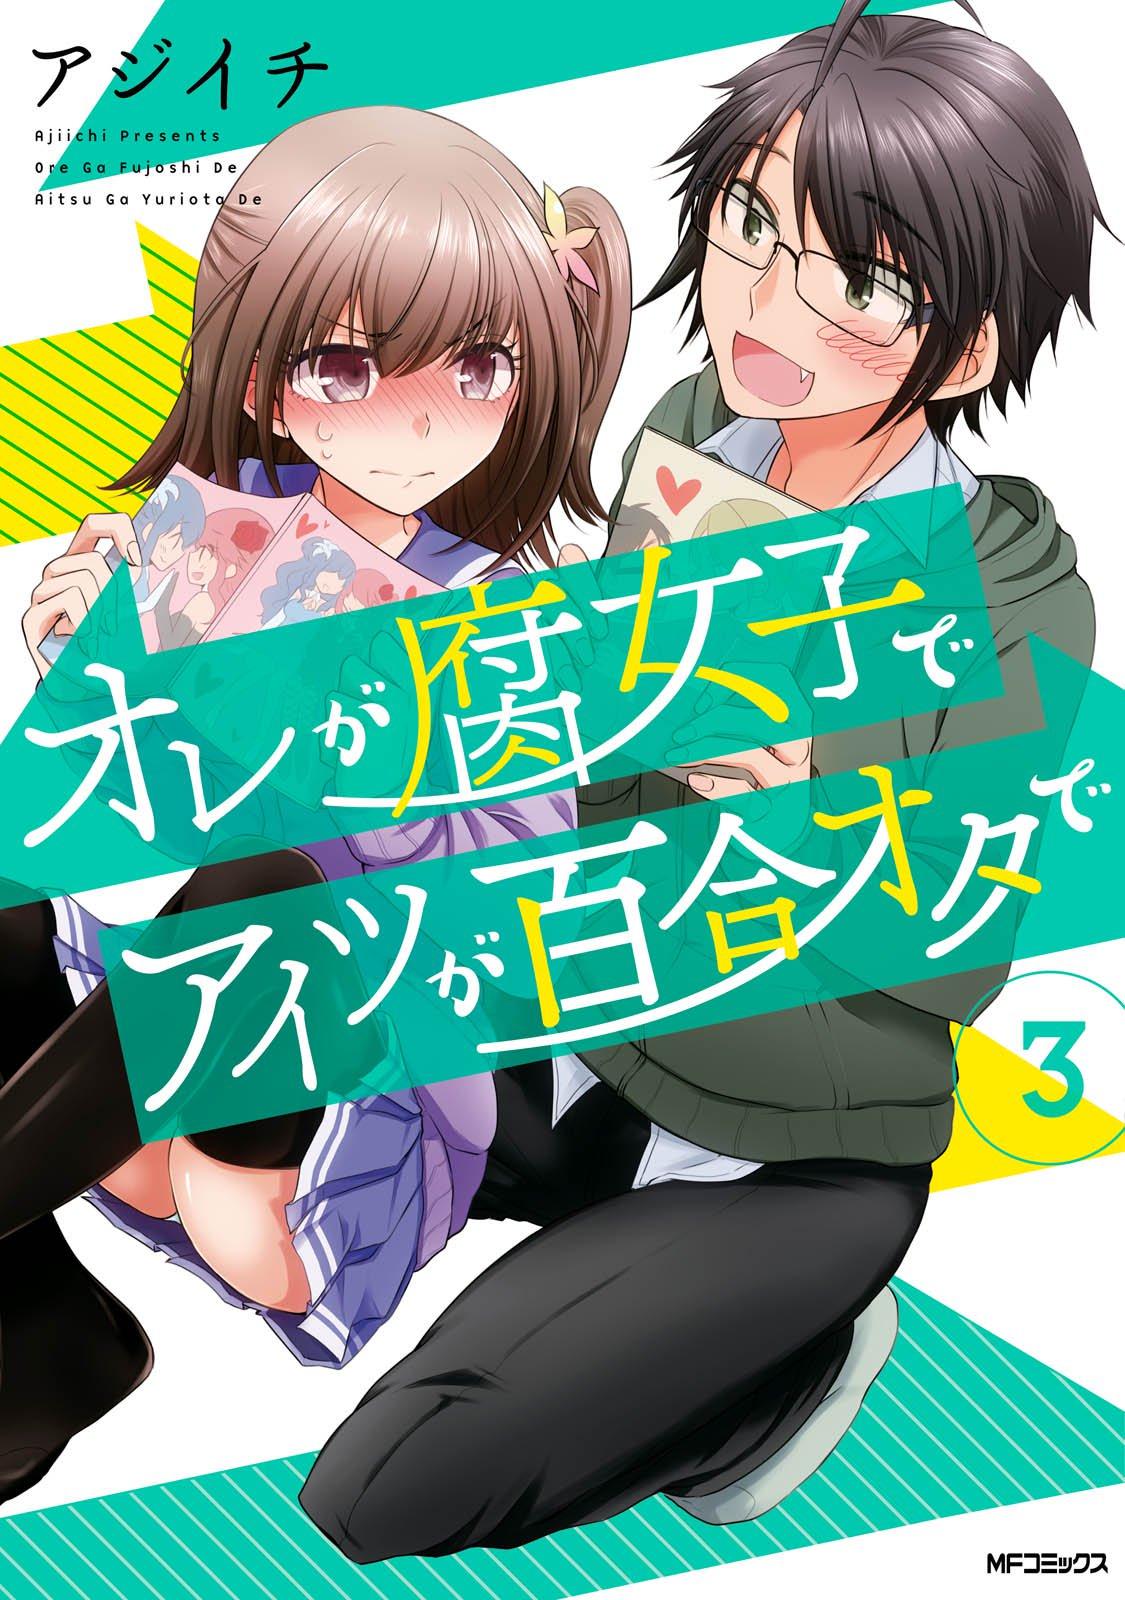 Baca Komik Ore ga Fujoshi de Aitsu ga Yuri-ota de Bahasa Indonesia Chapter 12 - komikindo